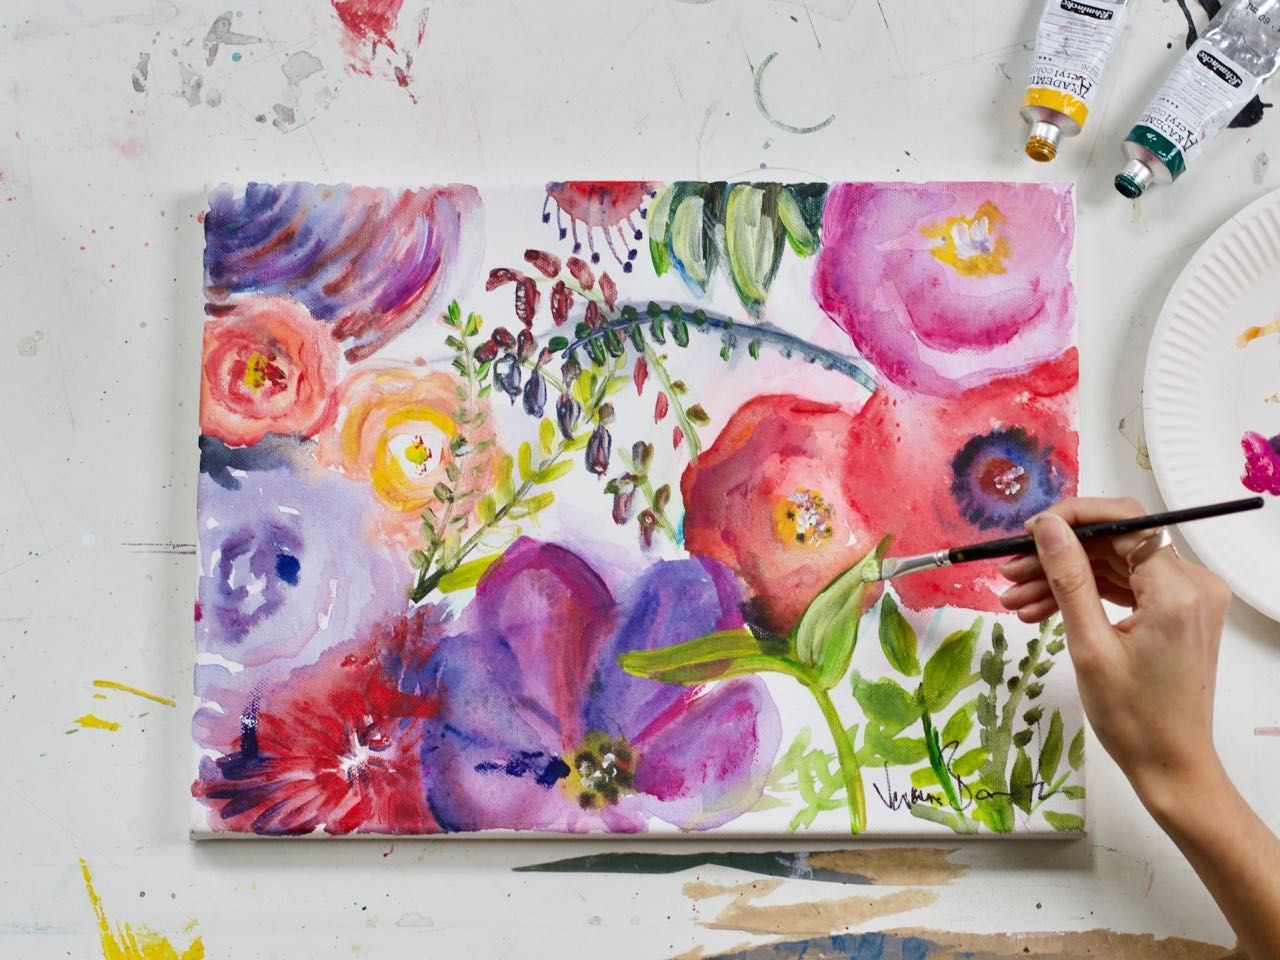 Blumenwiese Malen Mit Acryl Einfache Anleitung Blumen Malen Acryl Malen Blumen Malen Acryl